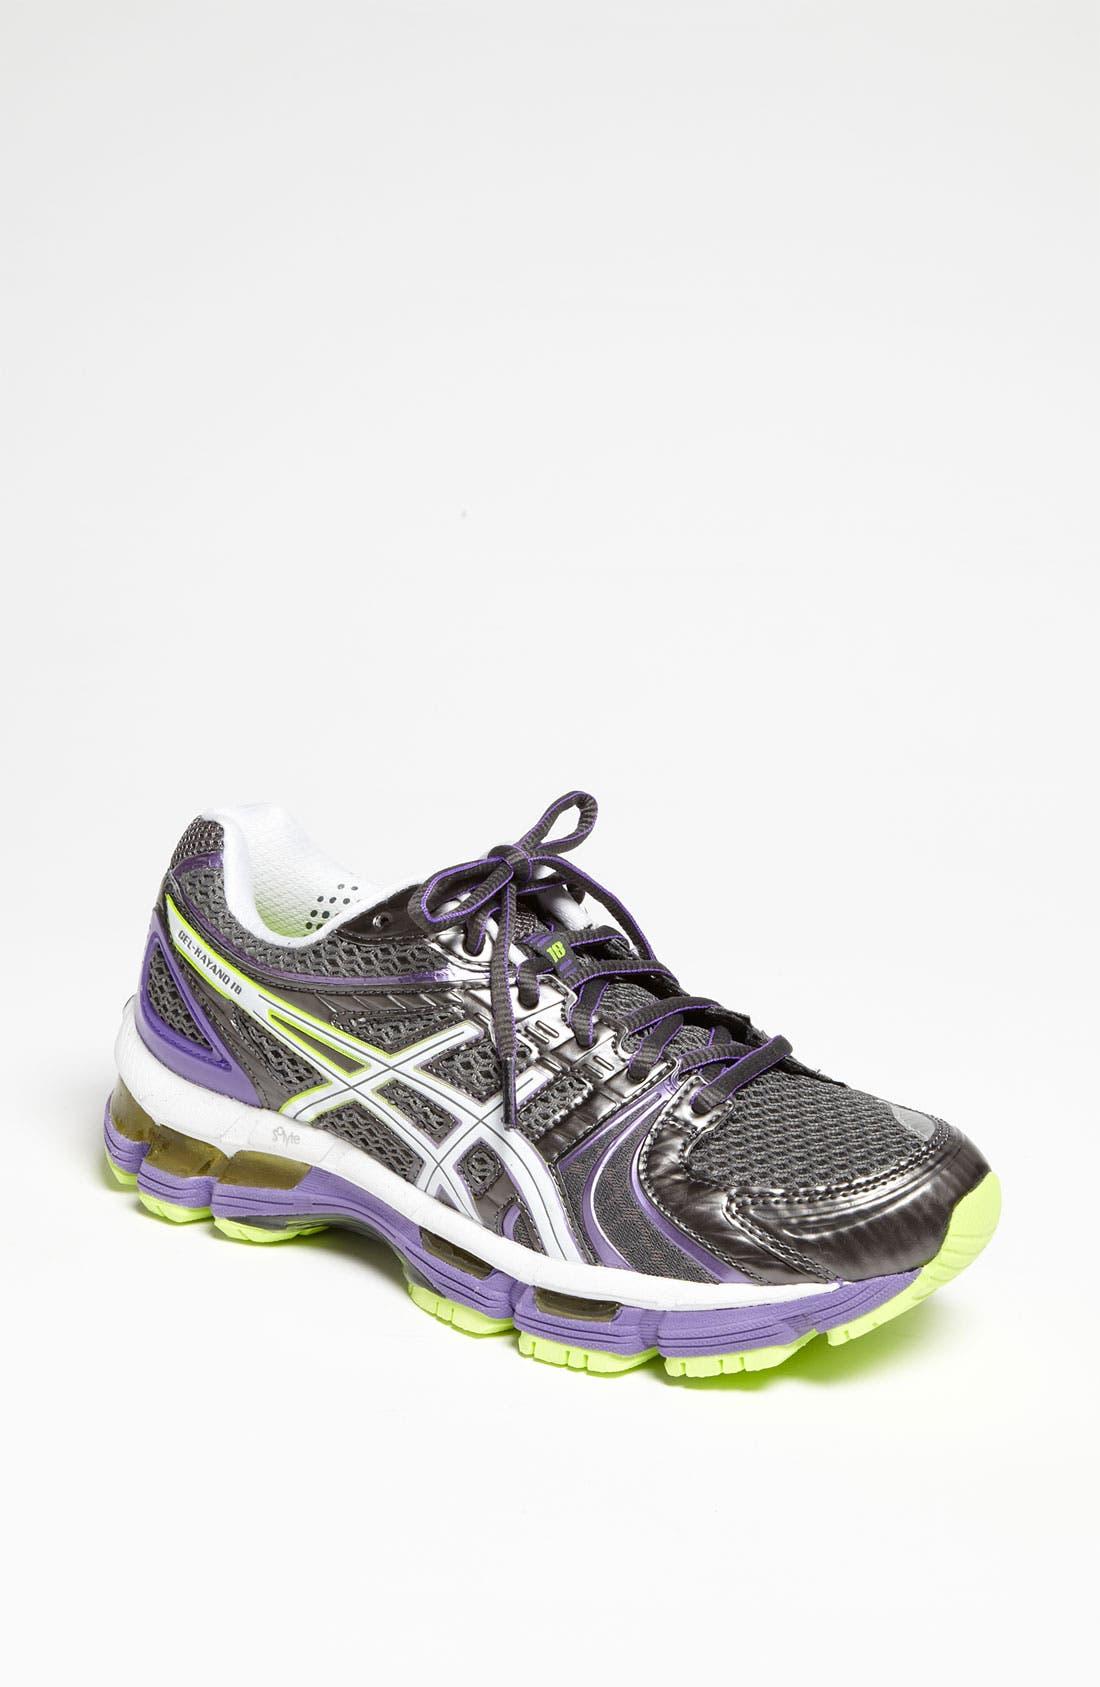 Alternate Image 1 Selected - ASICS® 'GEL-Kayano 18' Running Shoe (Women) (Regular Retail Price: $144.95)